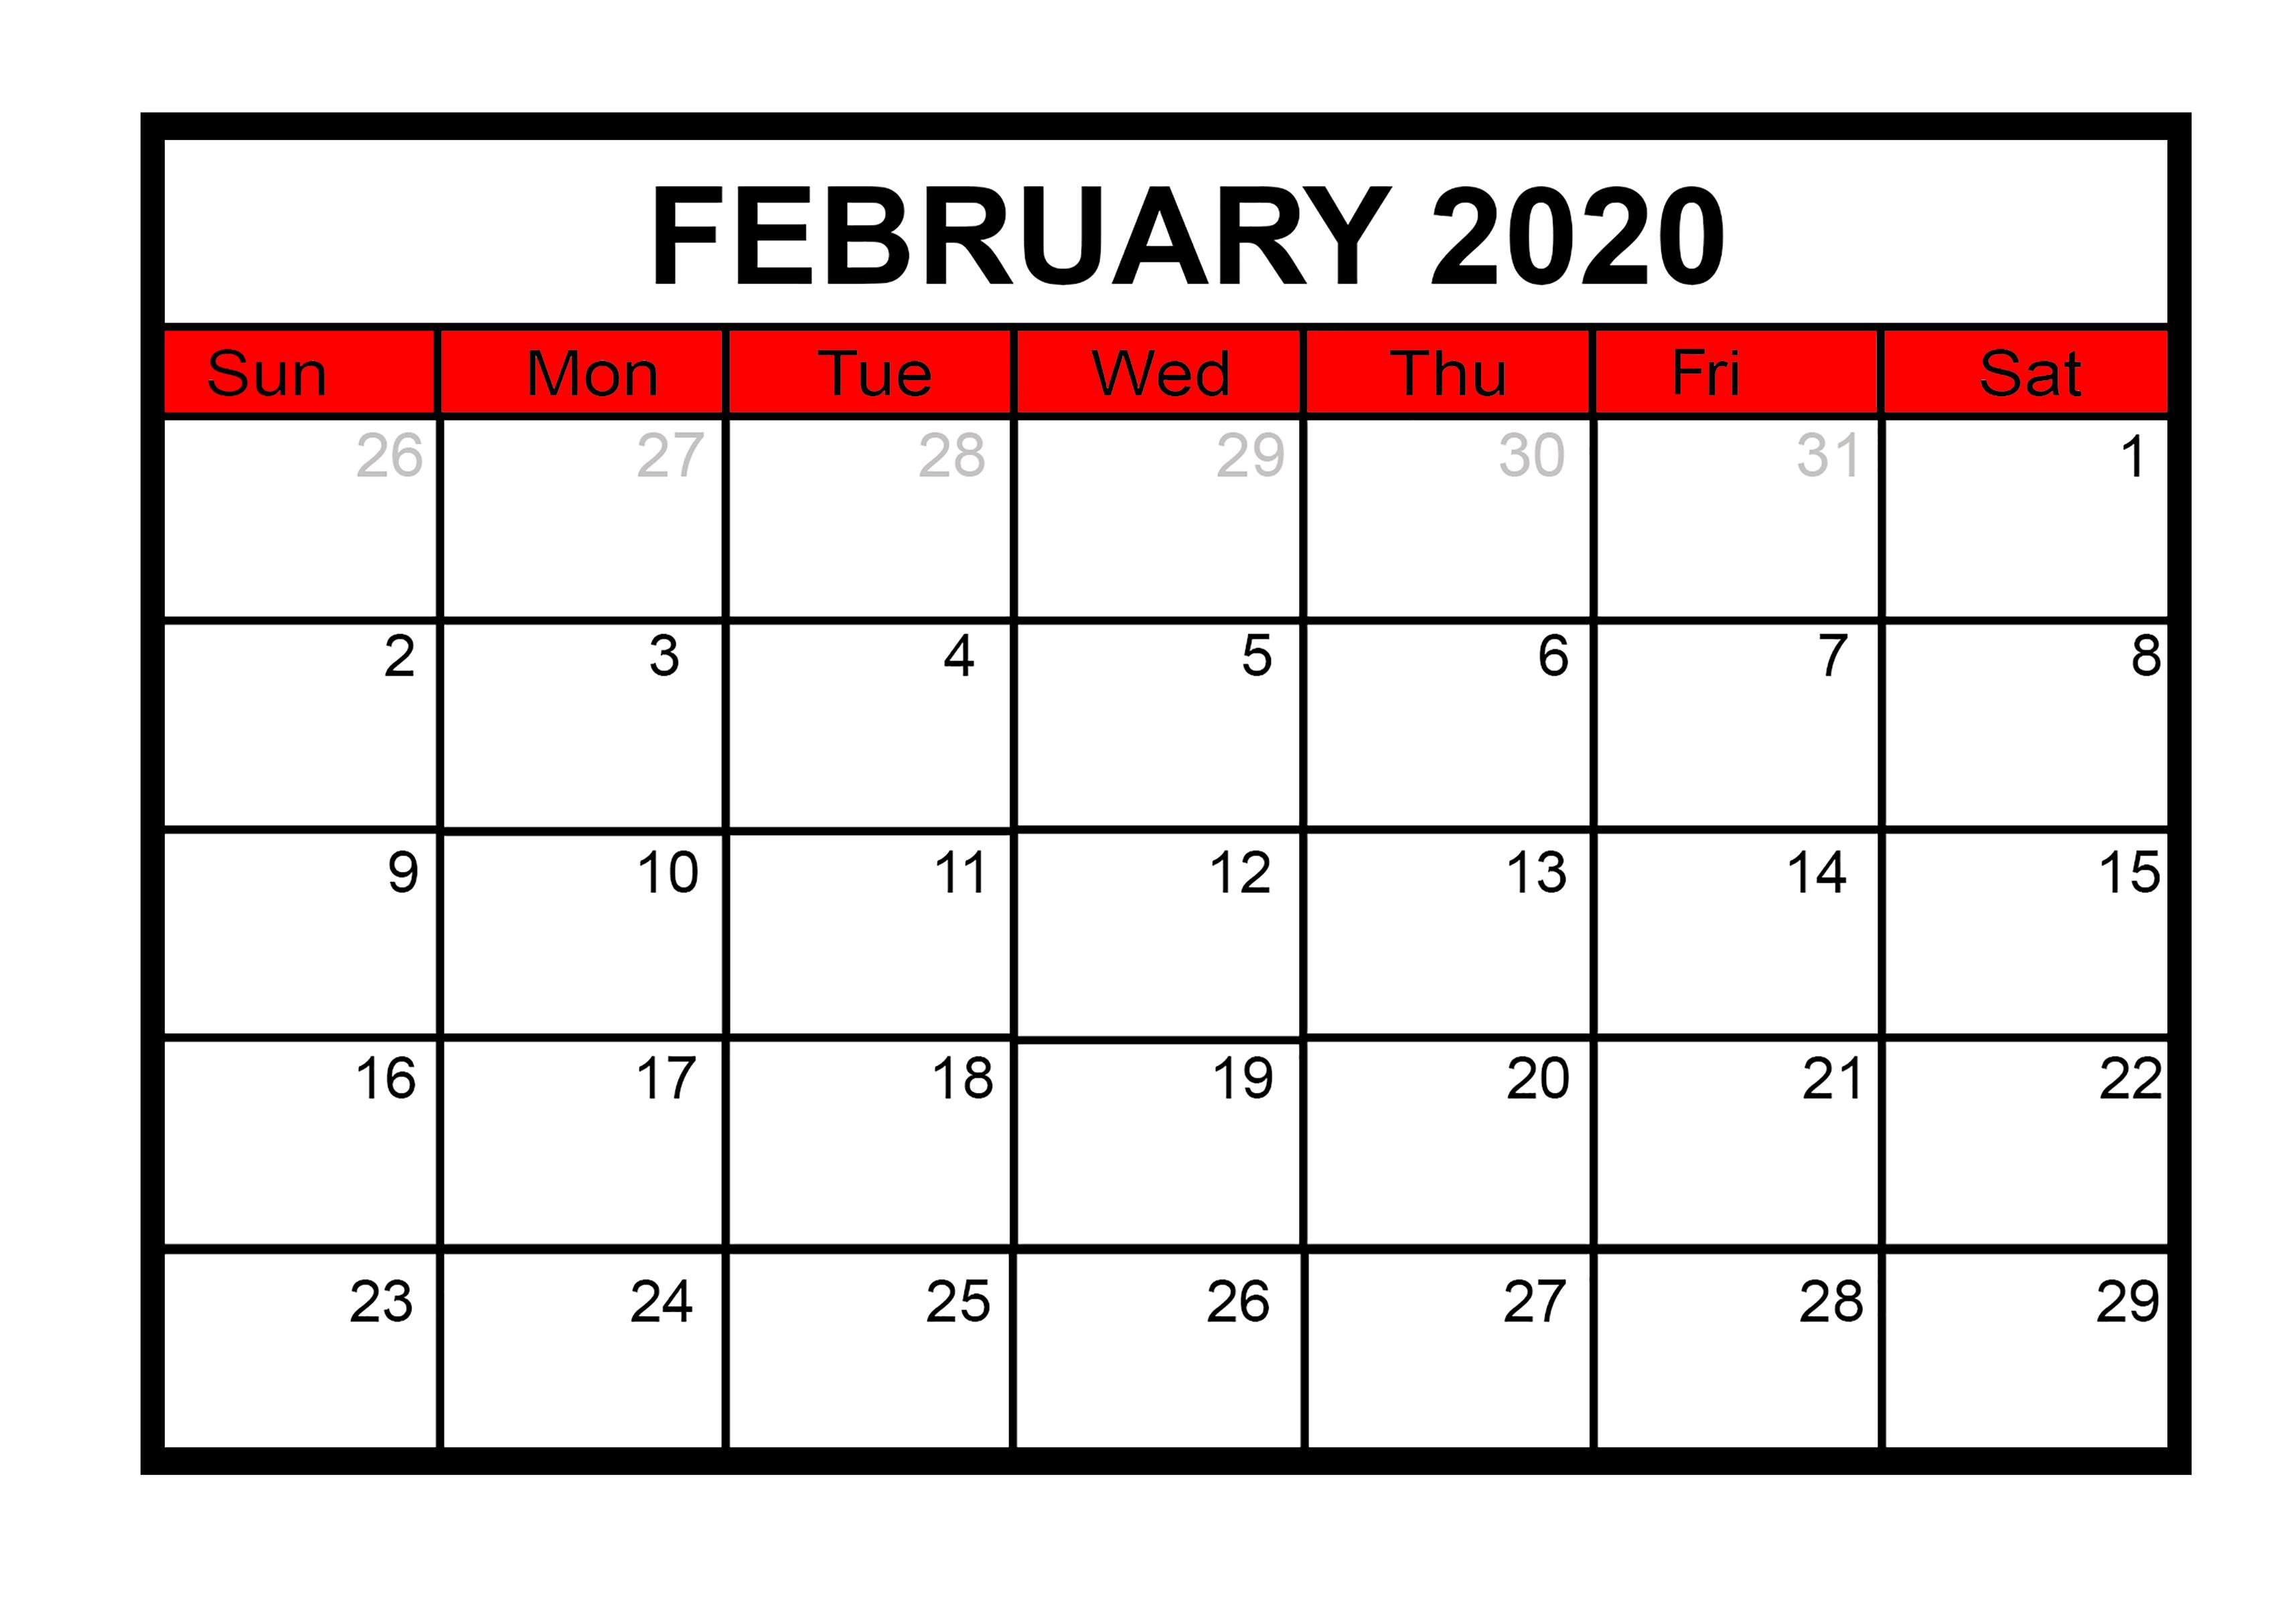 February 2020 Cute Calendar Template